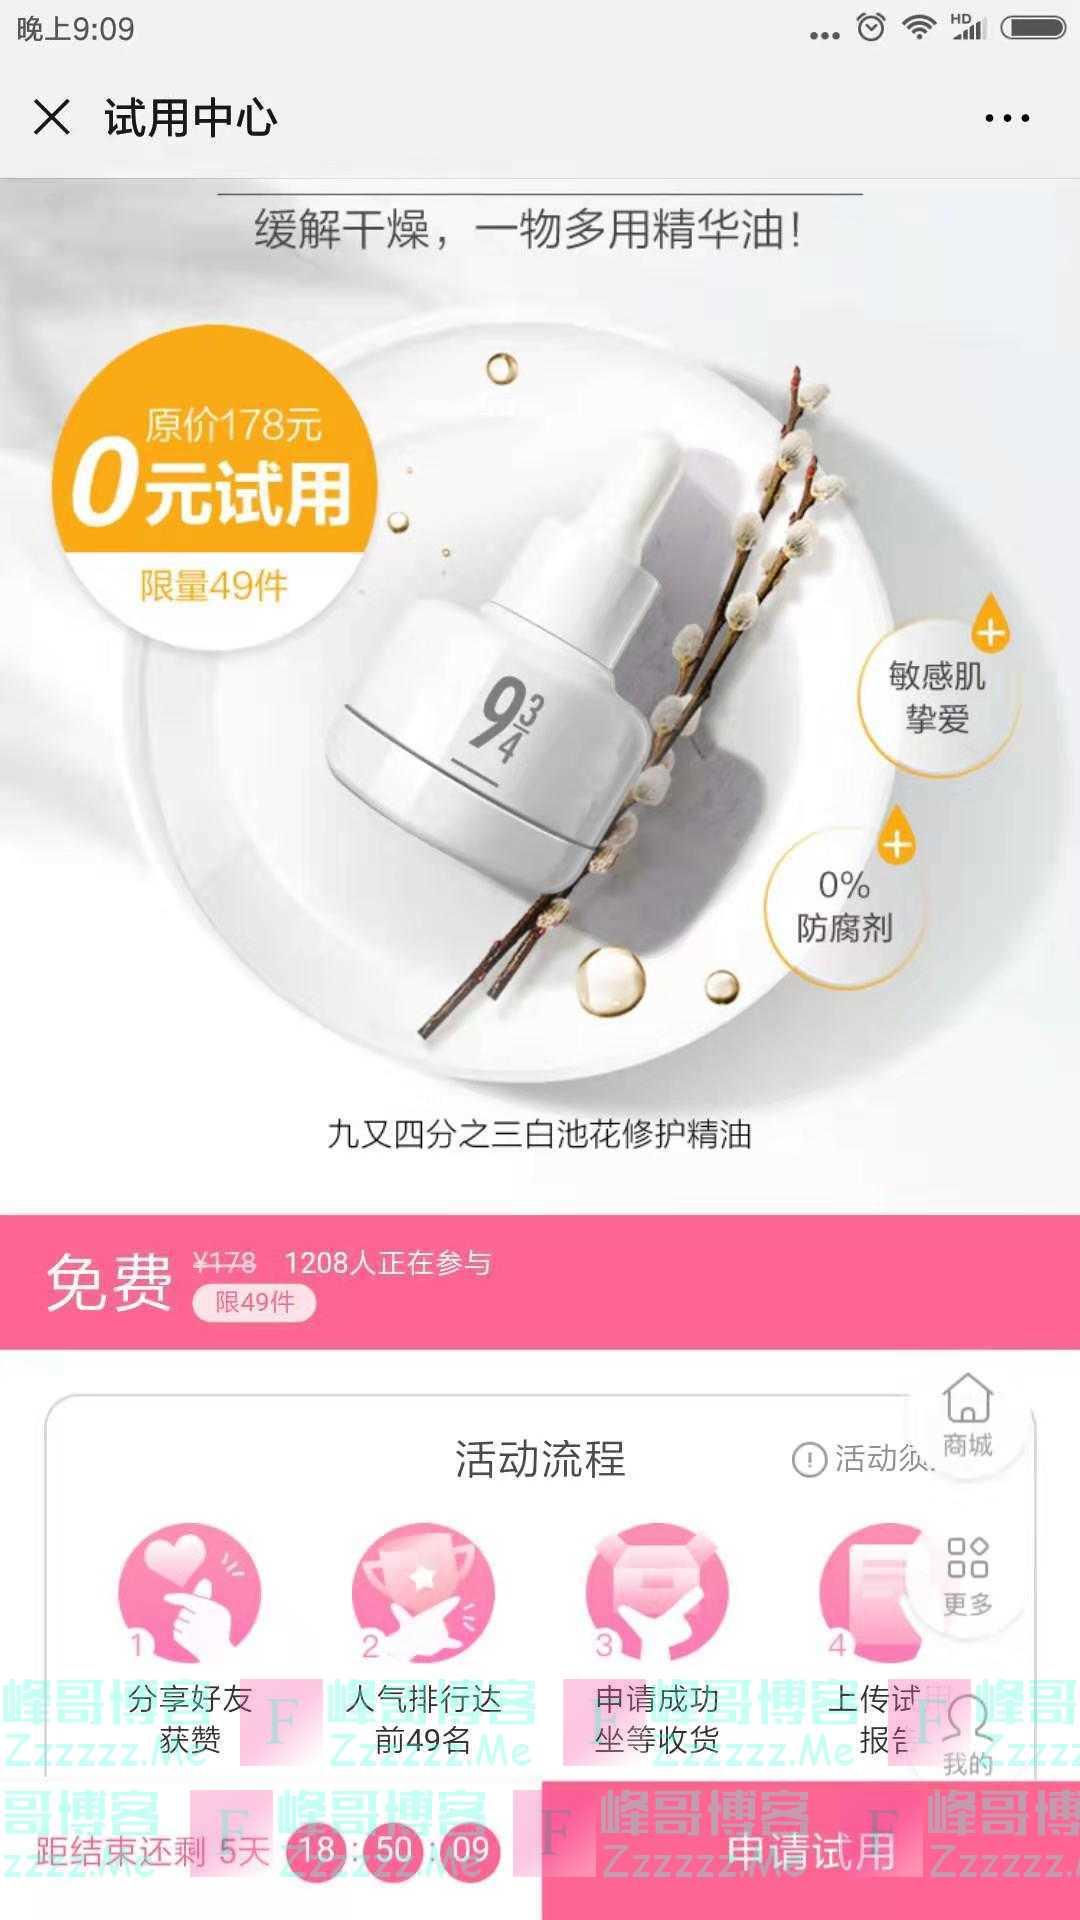 屈臣氏福利社0元试用九又四分之三白池花修护精油(截止12月25日)